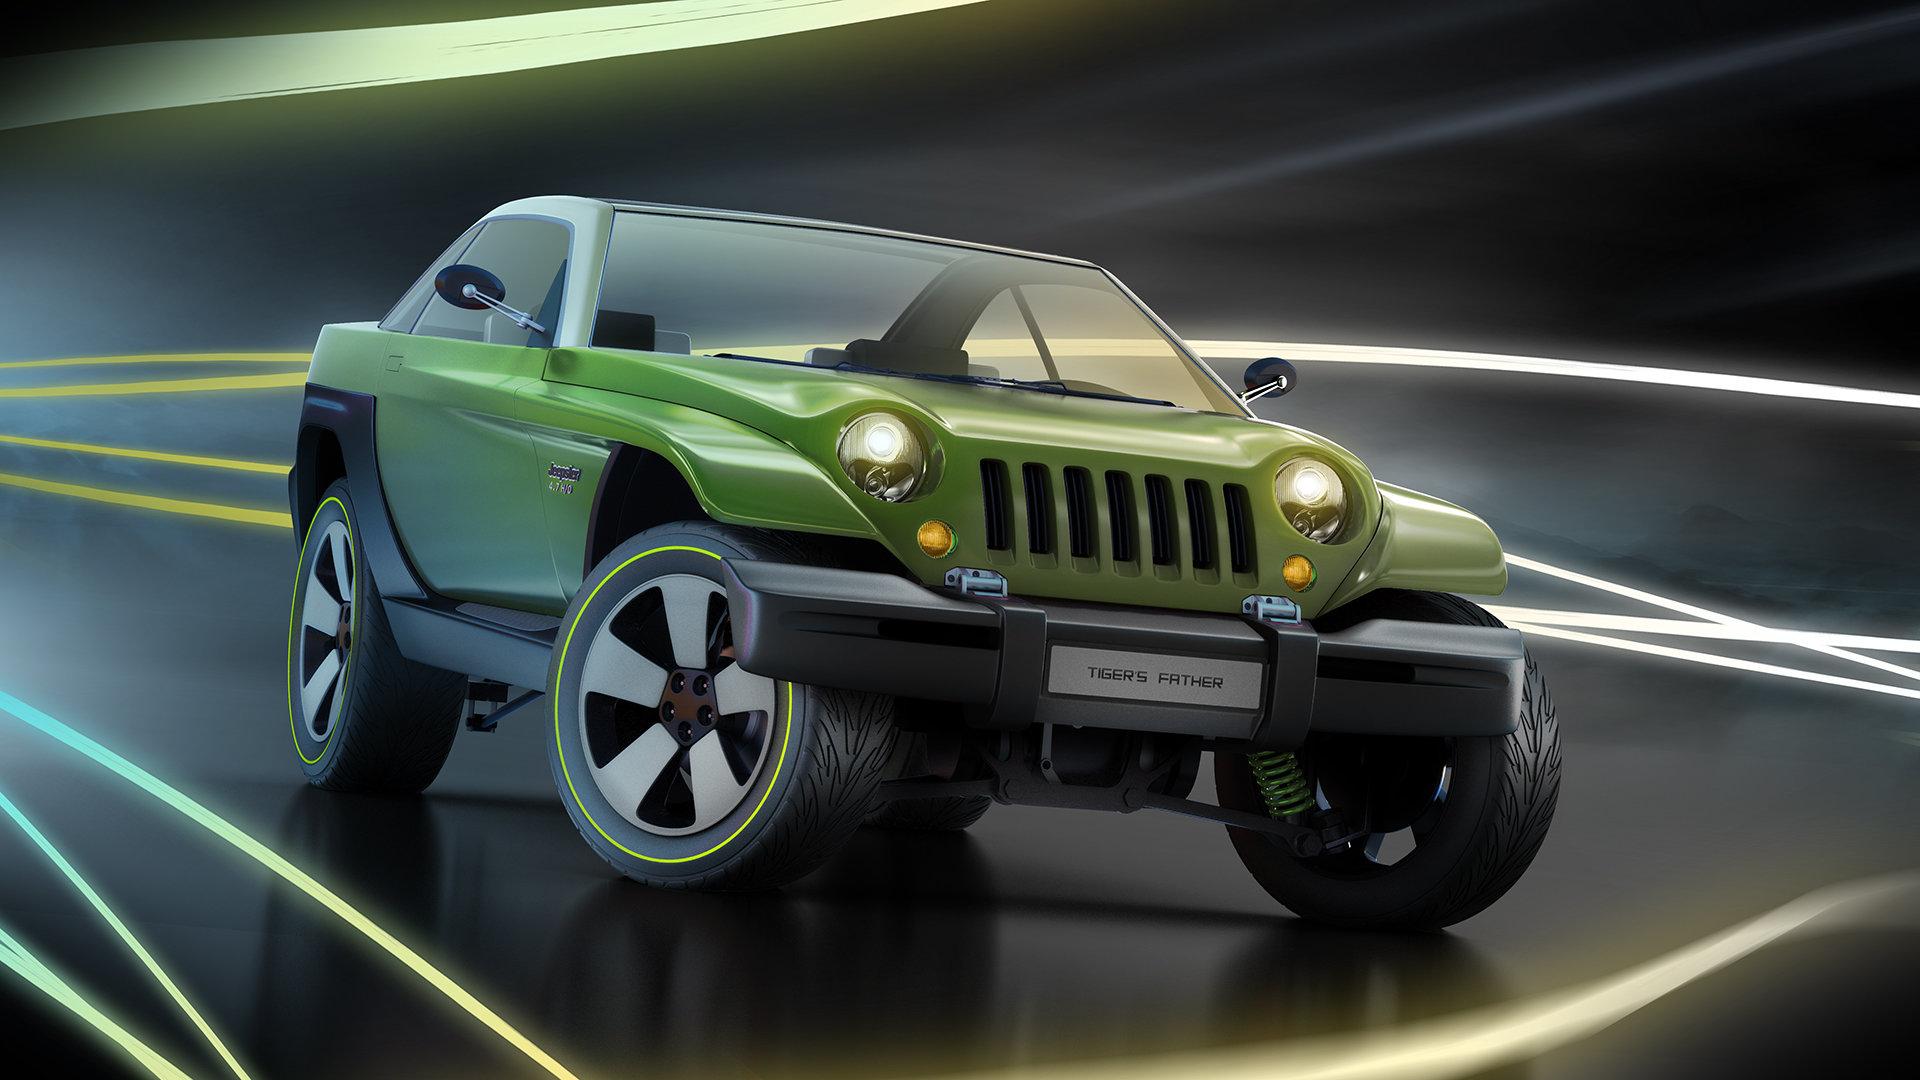 Alexandr novitskiy 1998 jeep jeepster concept style 02